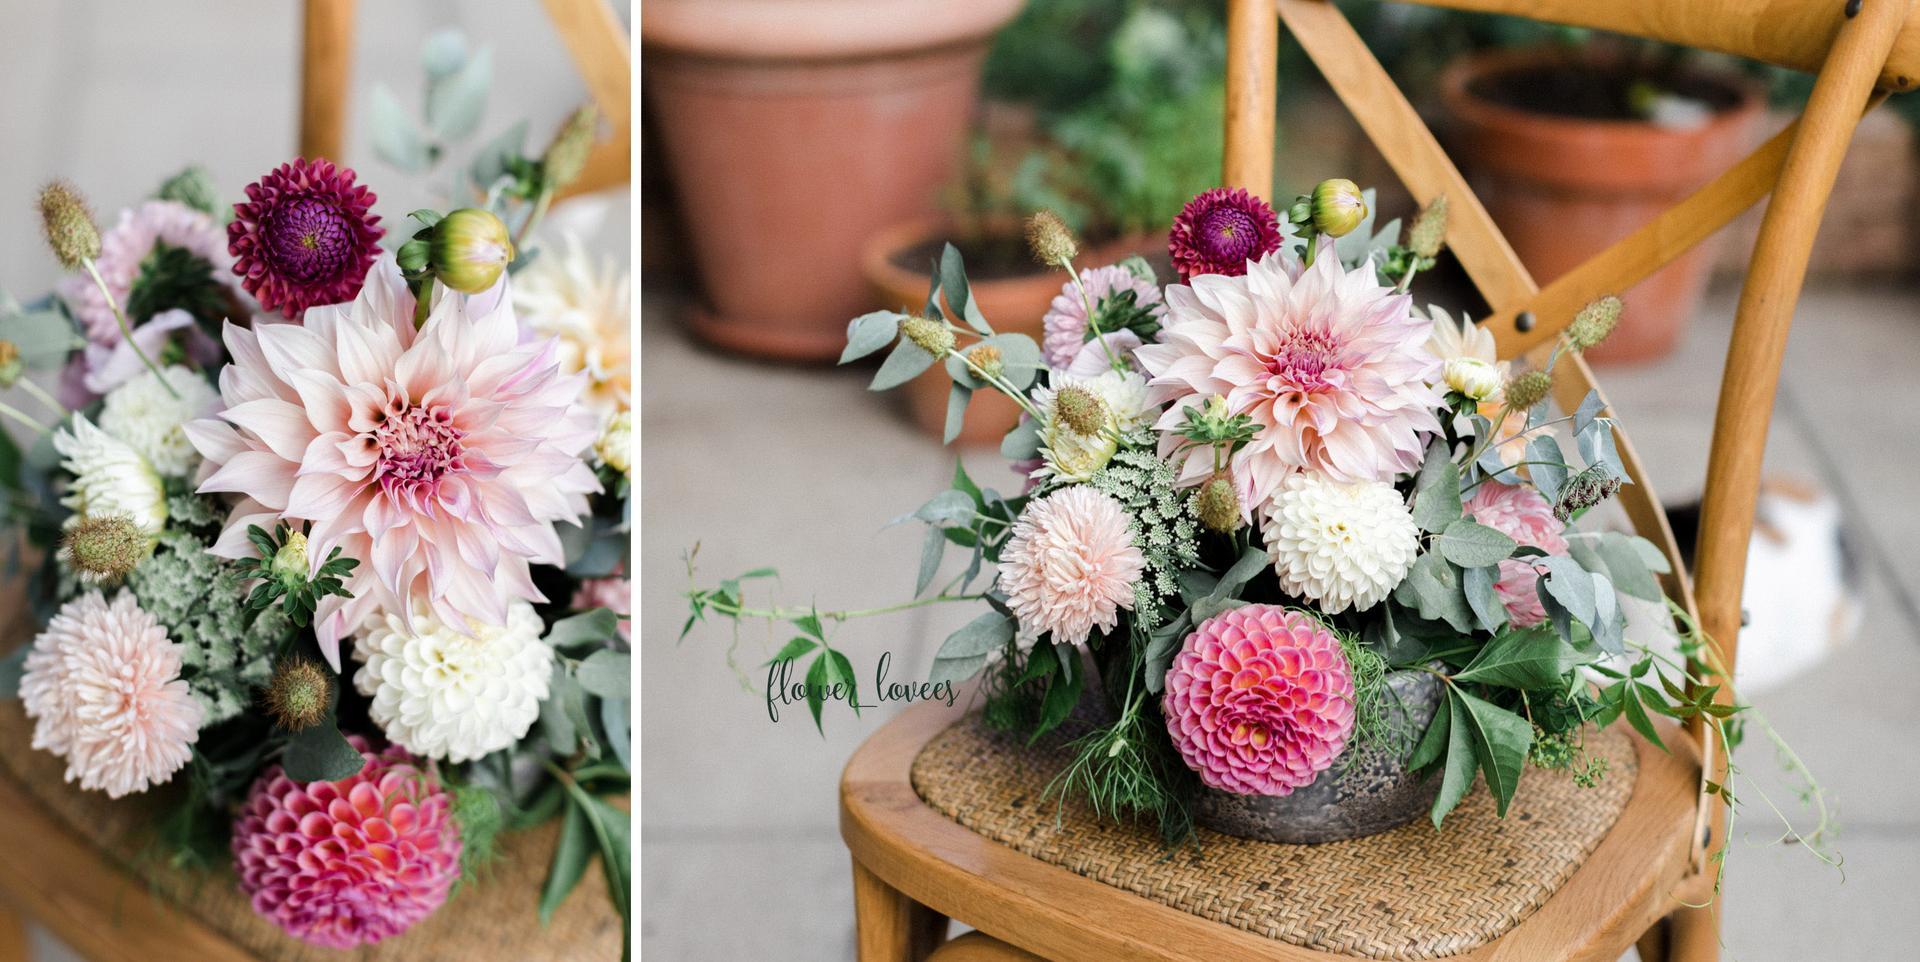 Kvetove dekoracie - Obrázok č. 2